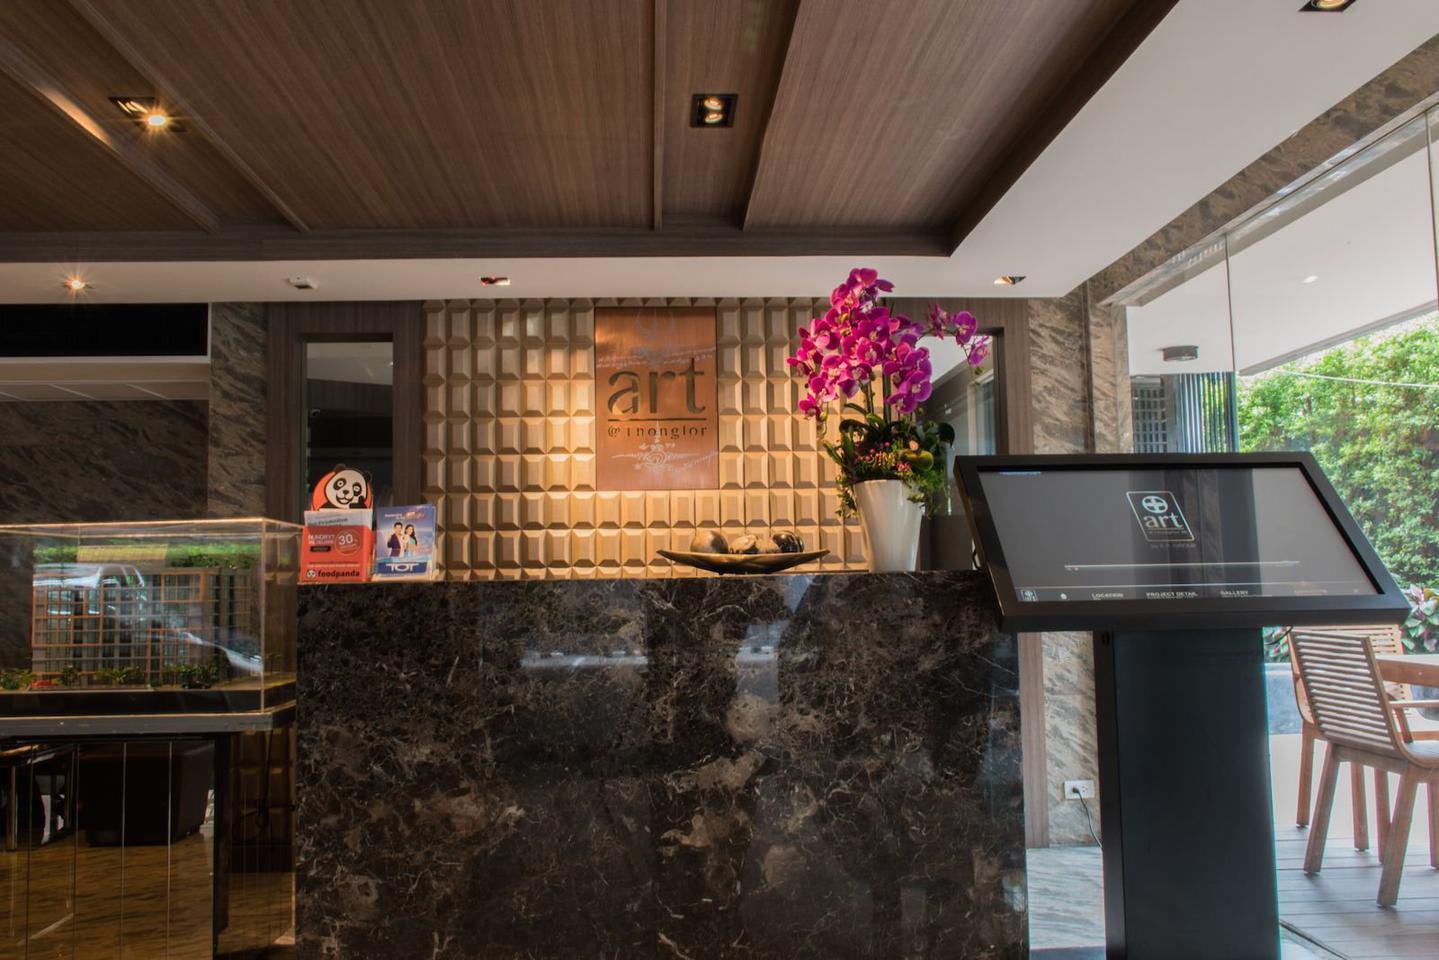 For Sale  Art Thonglor Condominium รูปที่ 1